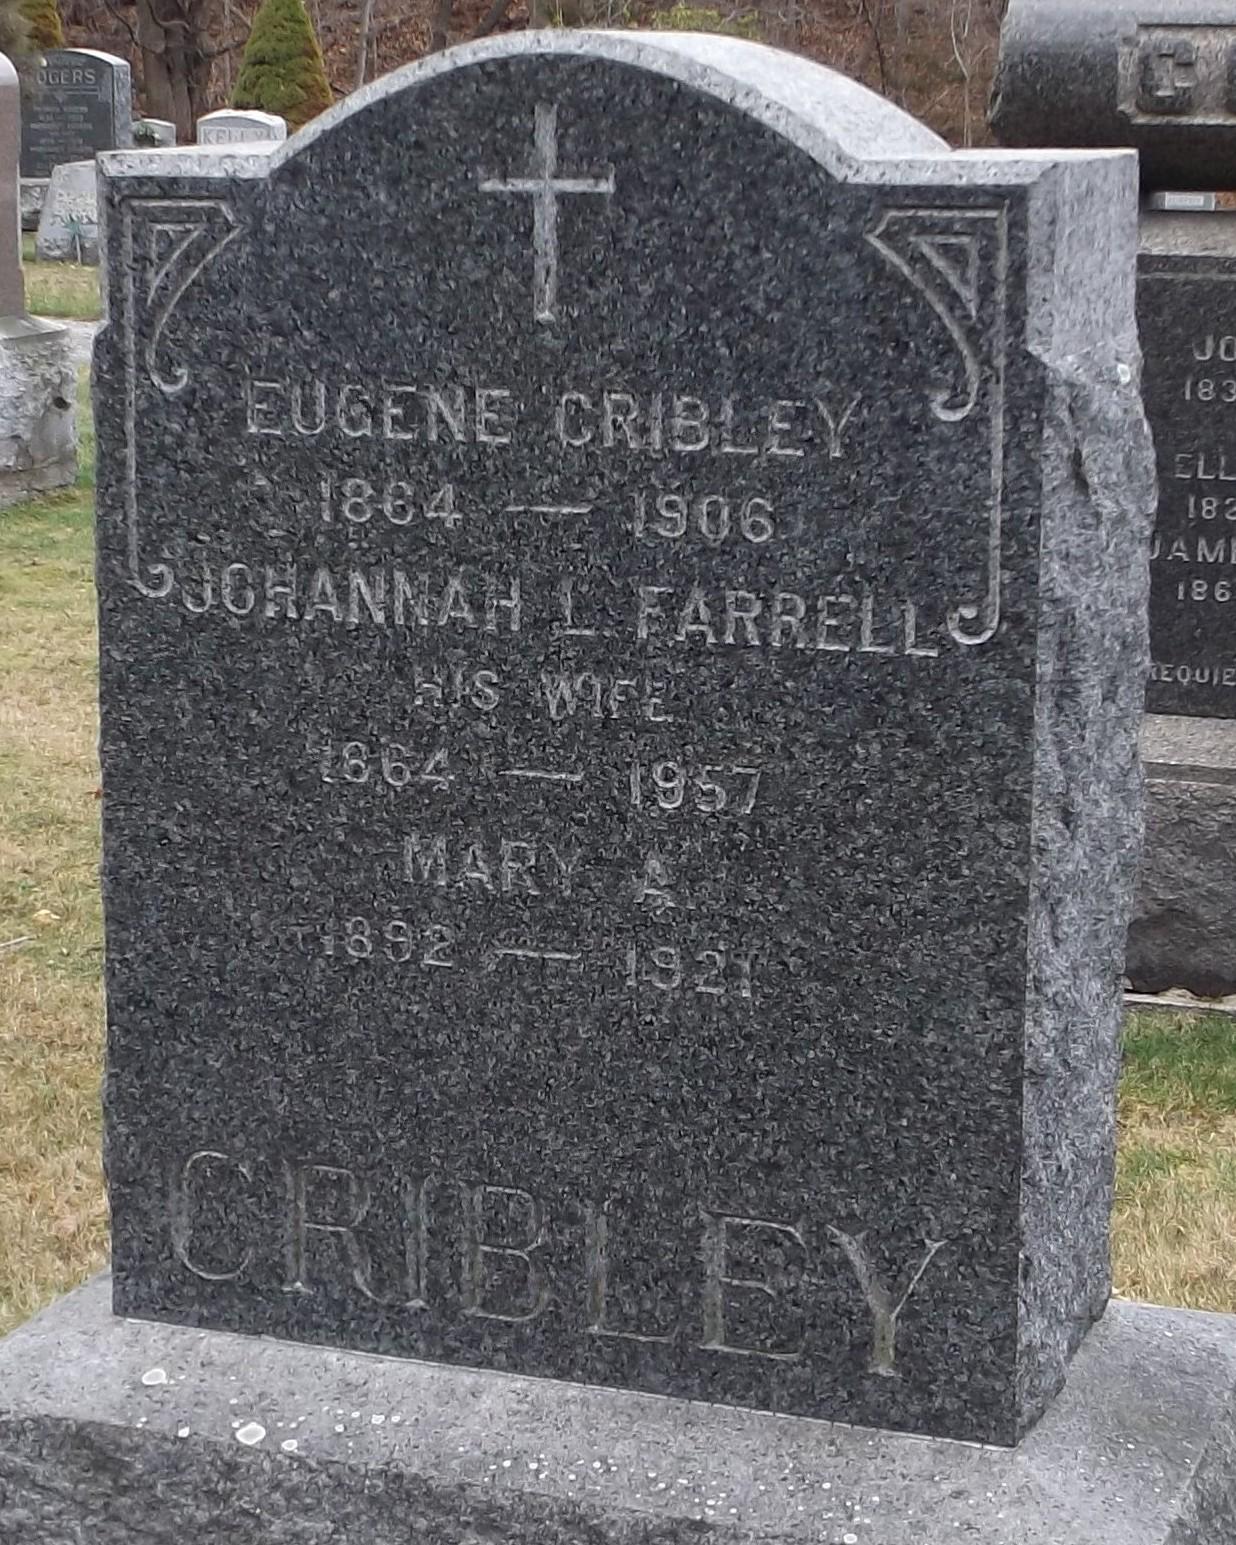 Deputy Sheriff Eugene Cribley | Dutchess County Sheriff's Office, New York